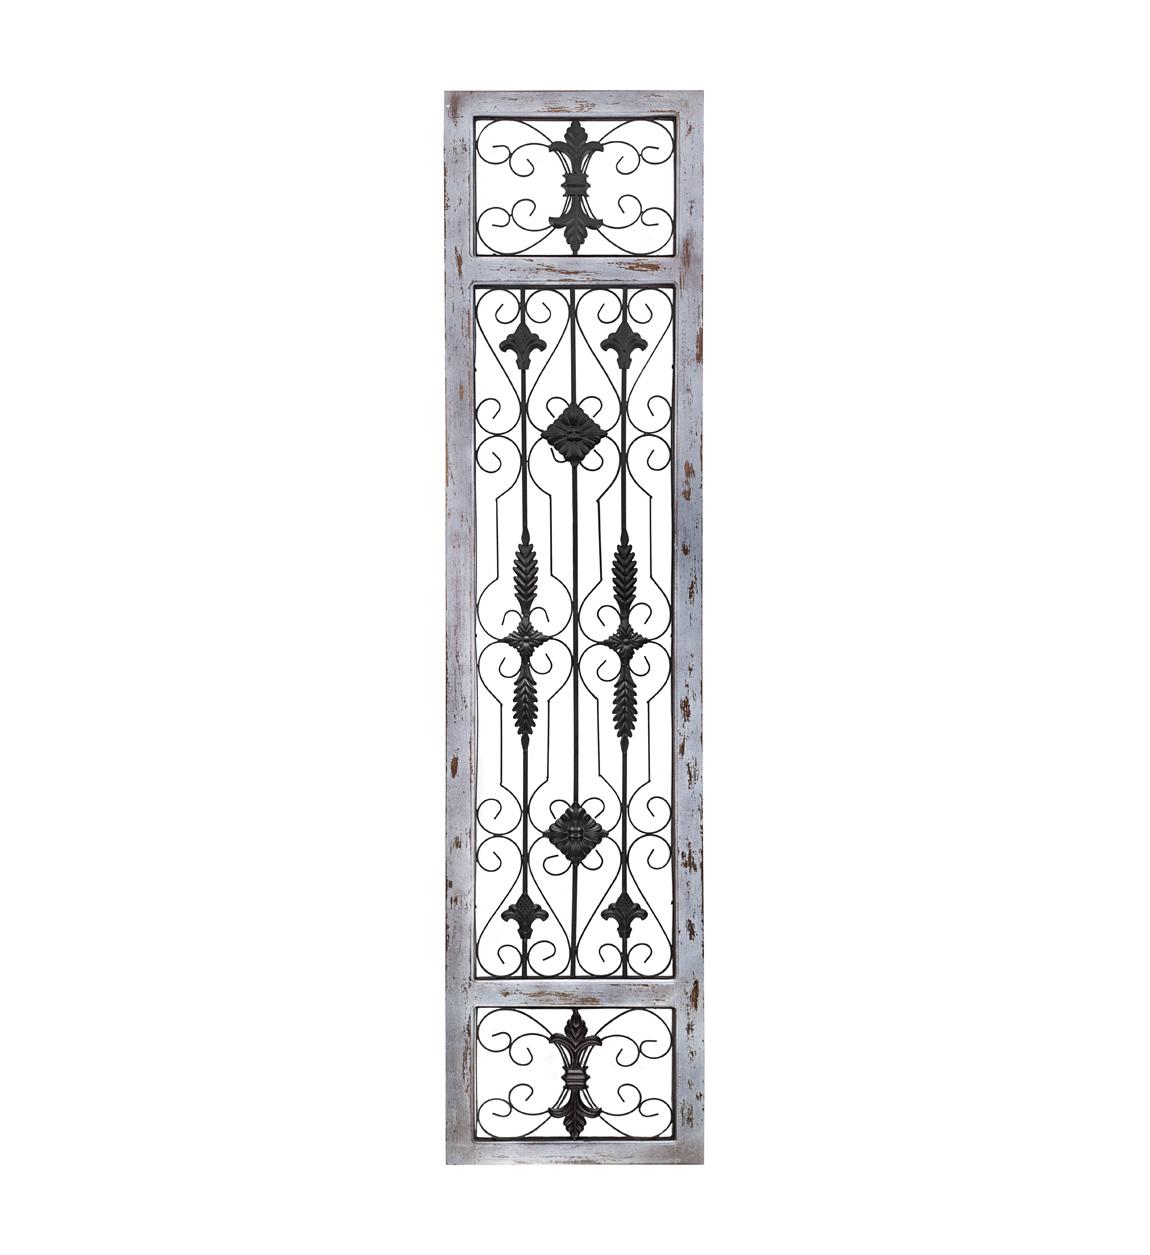 Panneau décoratif en métal et bois gris